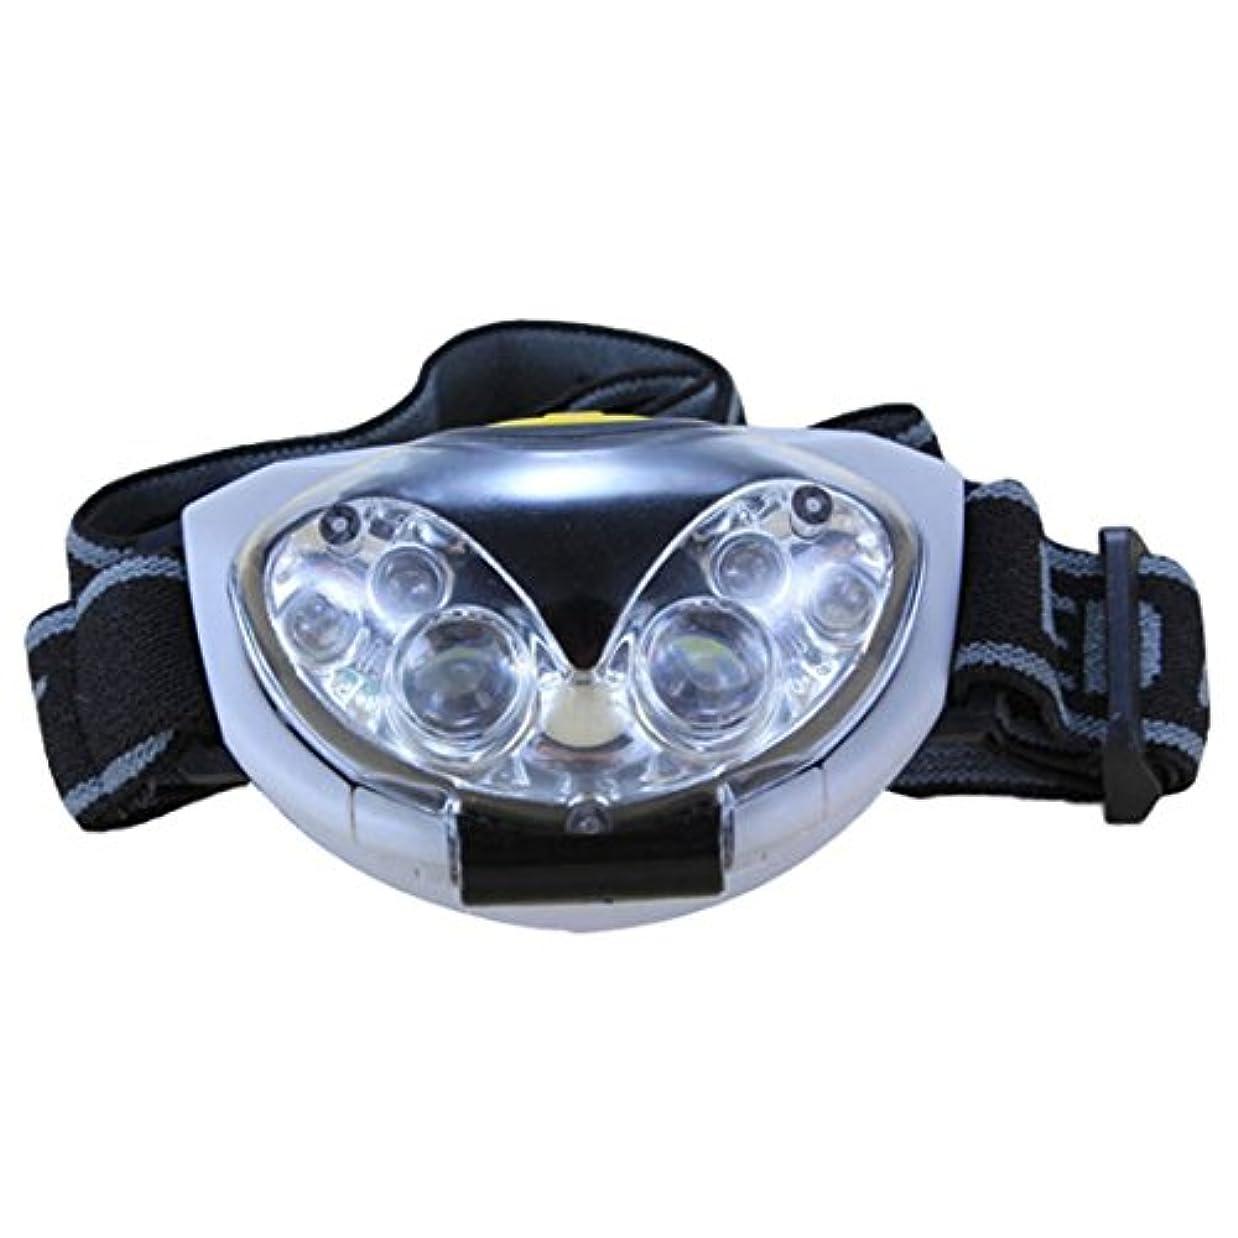 上飼い慣らす複数SODIAL 6 LED 防水ヘッドライトヘッドランプヘッドランプ - 3modi、3単4乾電池